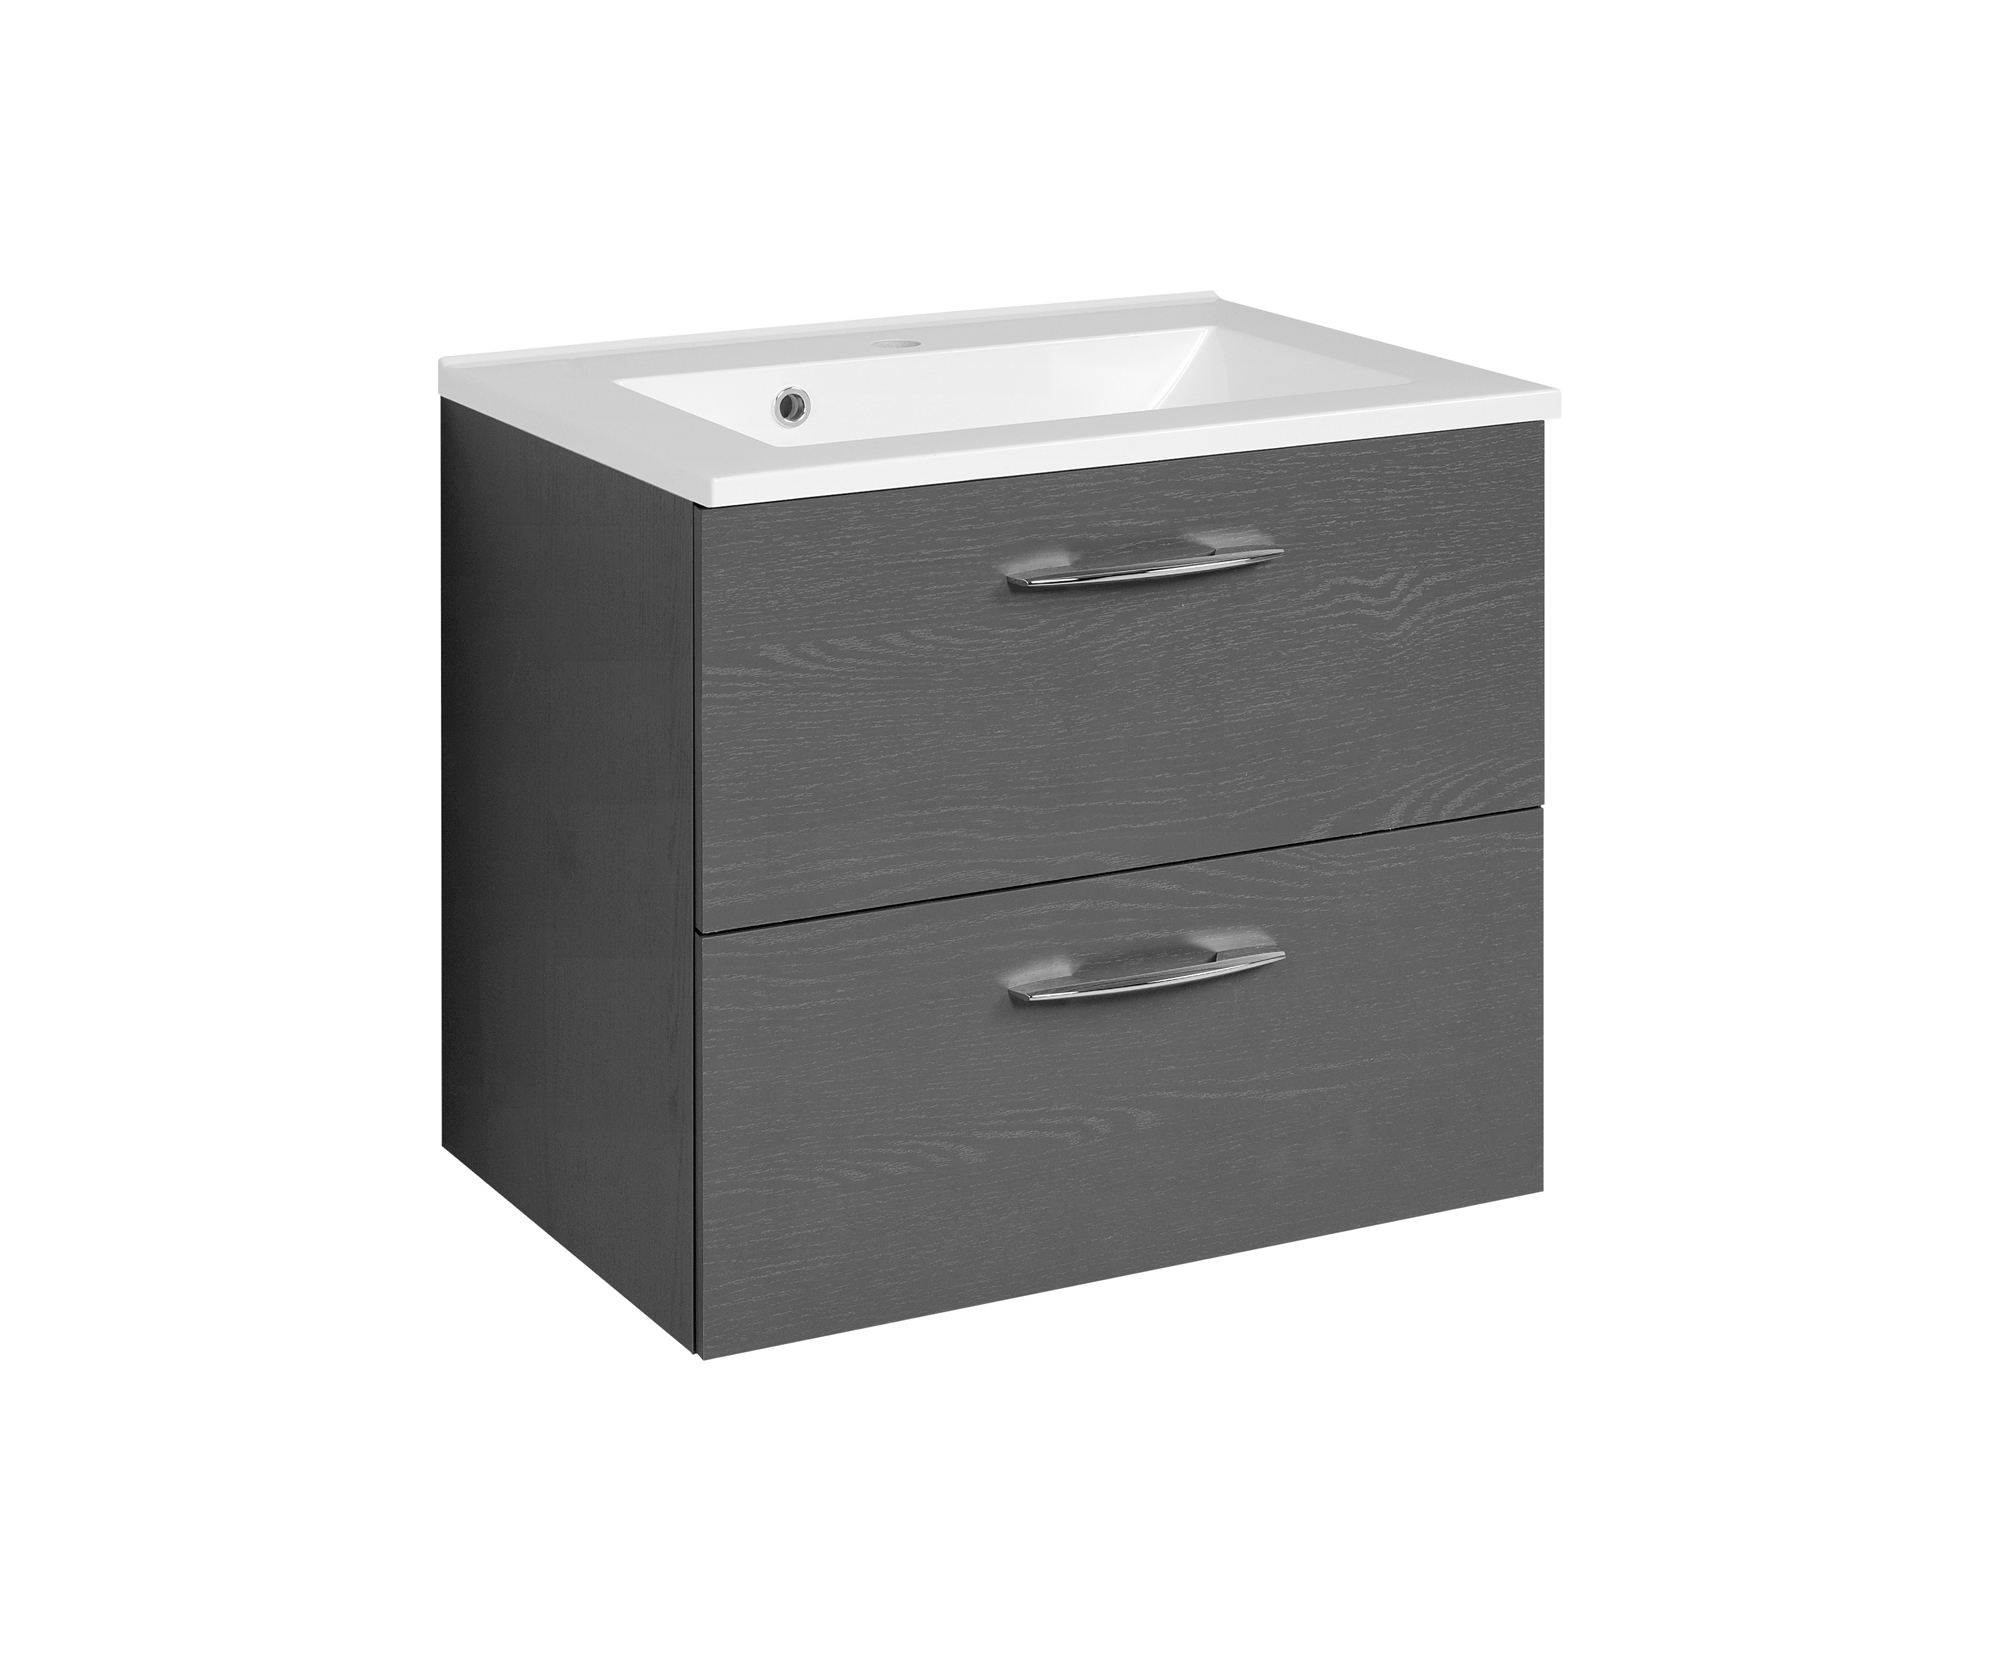 waschtisch waschplatz handwaschplatz unterschrank badezimmer m bel 4250163751585 ebay. Black Bedroom Furniture Sets. Home Design Ideas